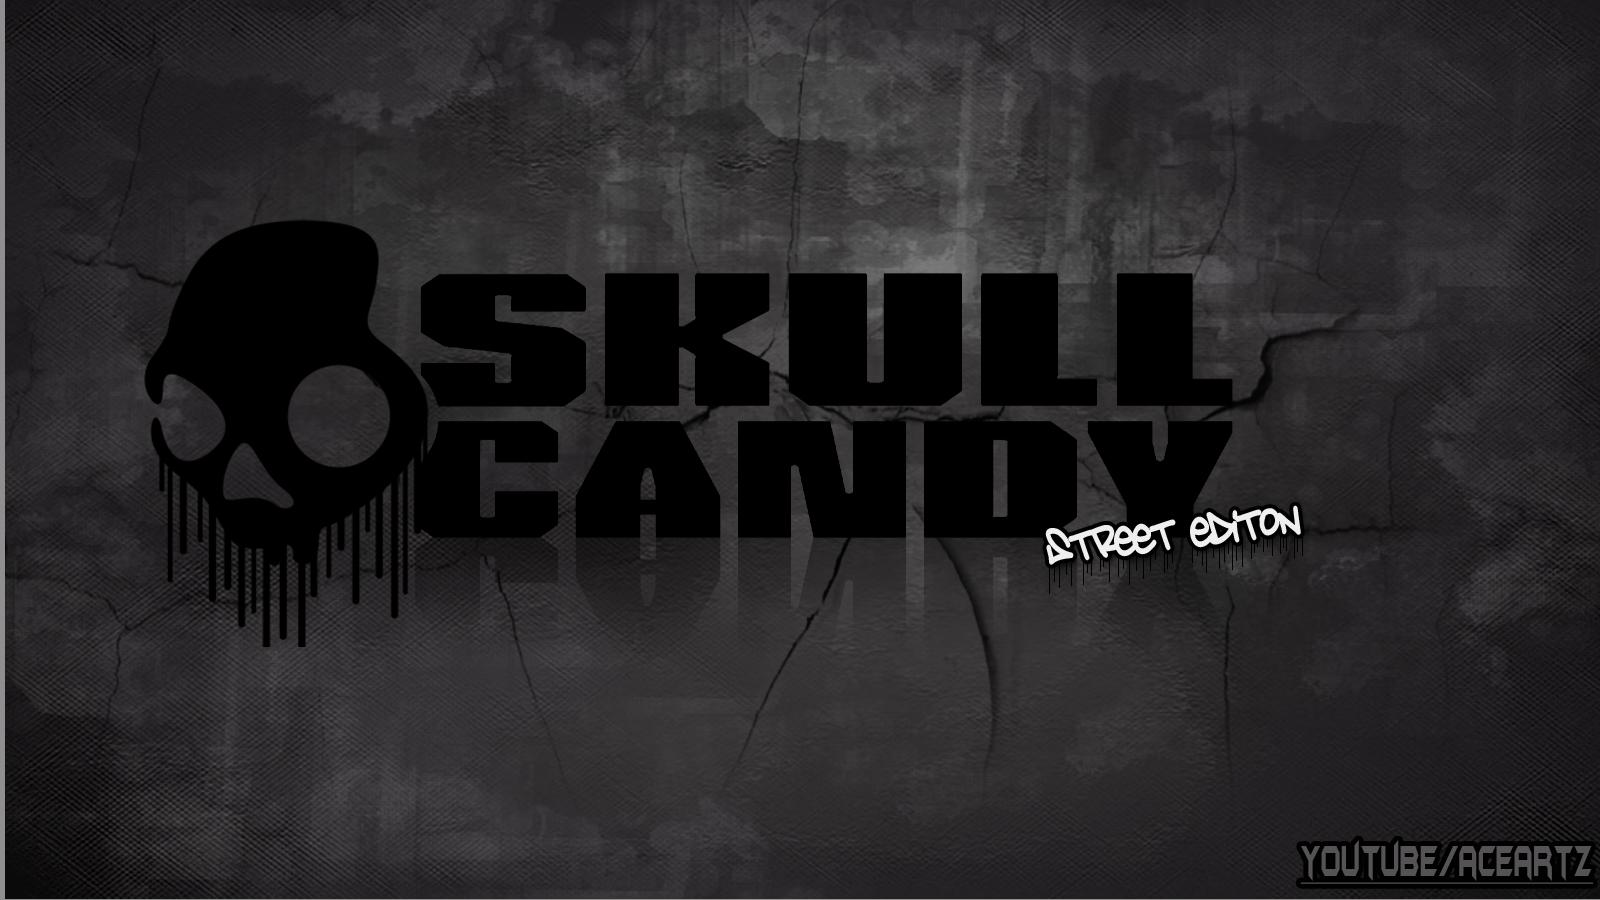 Skullcandy Logo Wallpaper Hd Labzada